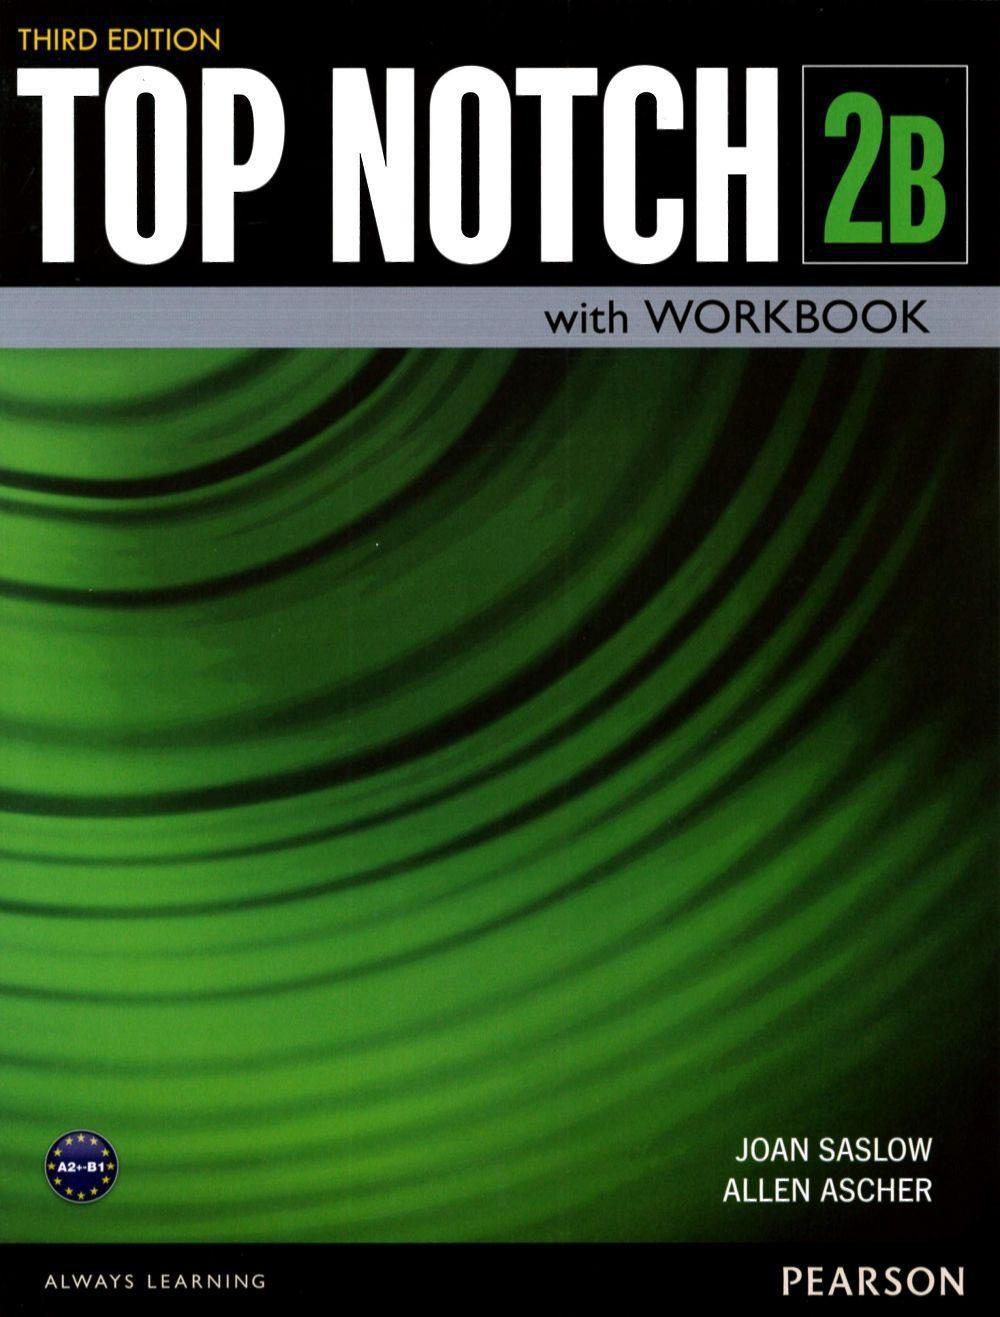 پکیج Top notch 2/B